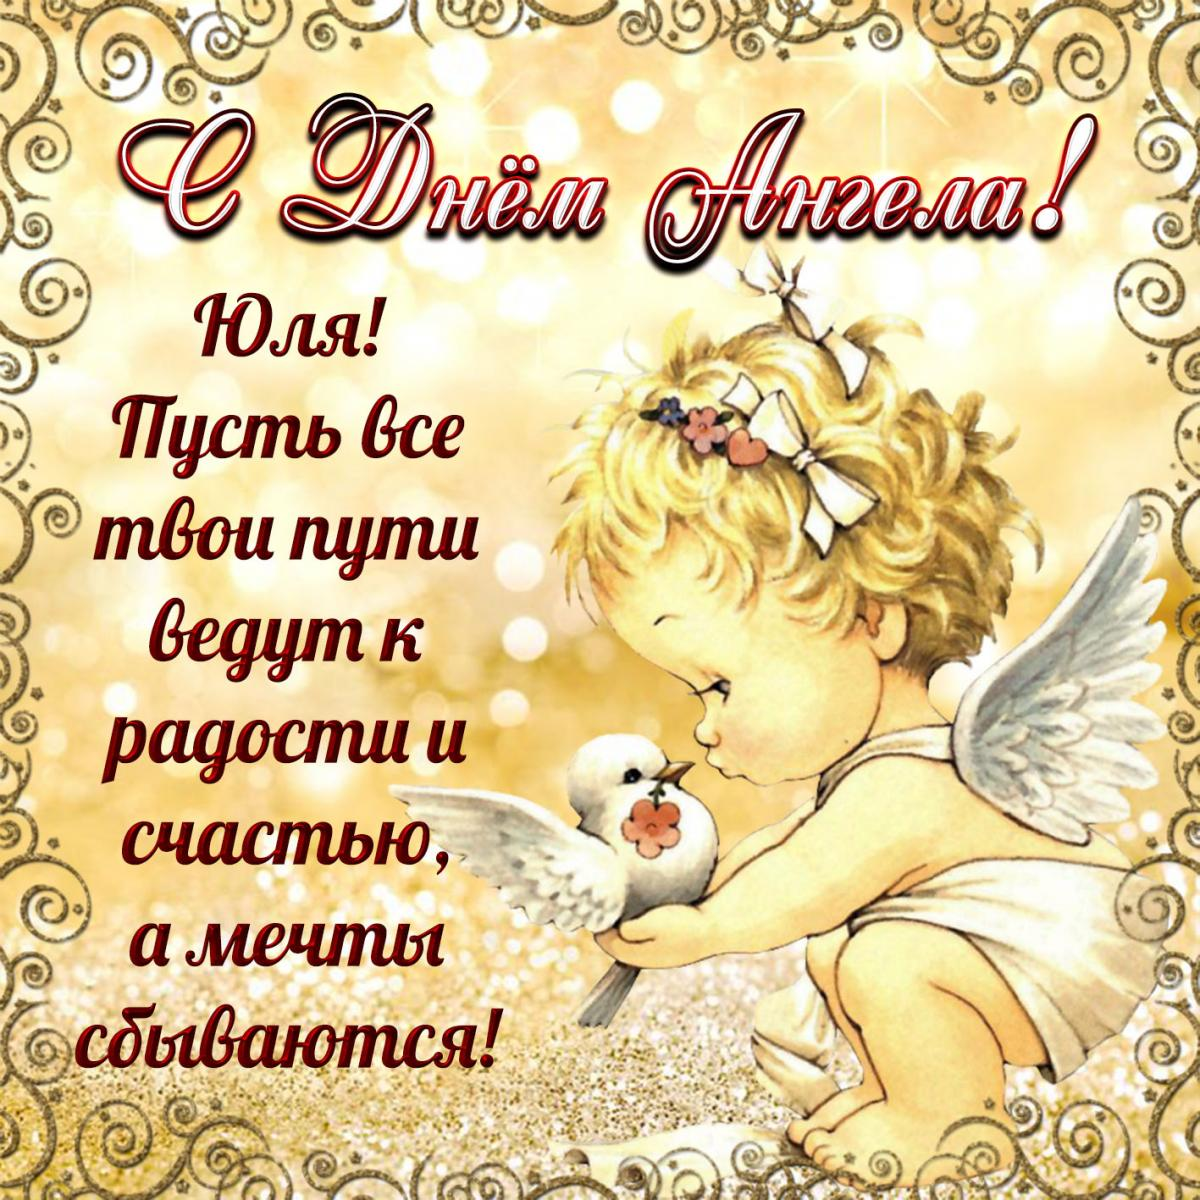 Картинки с Днем ангела Юлии / bonnycards.ru